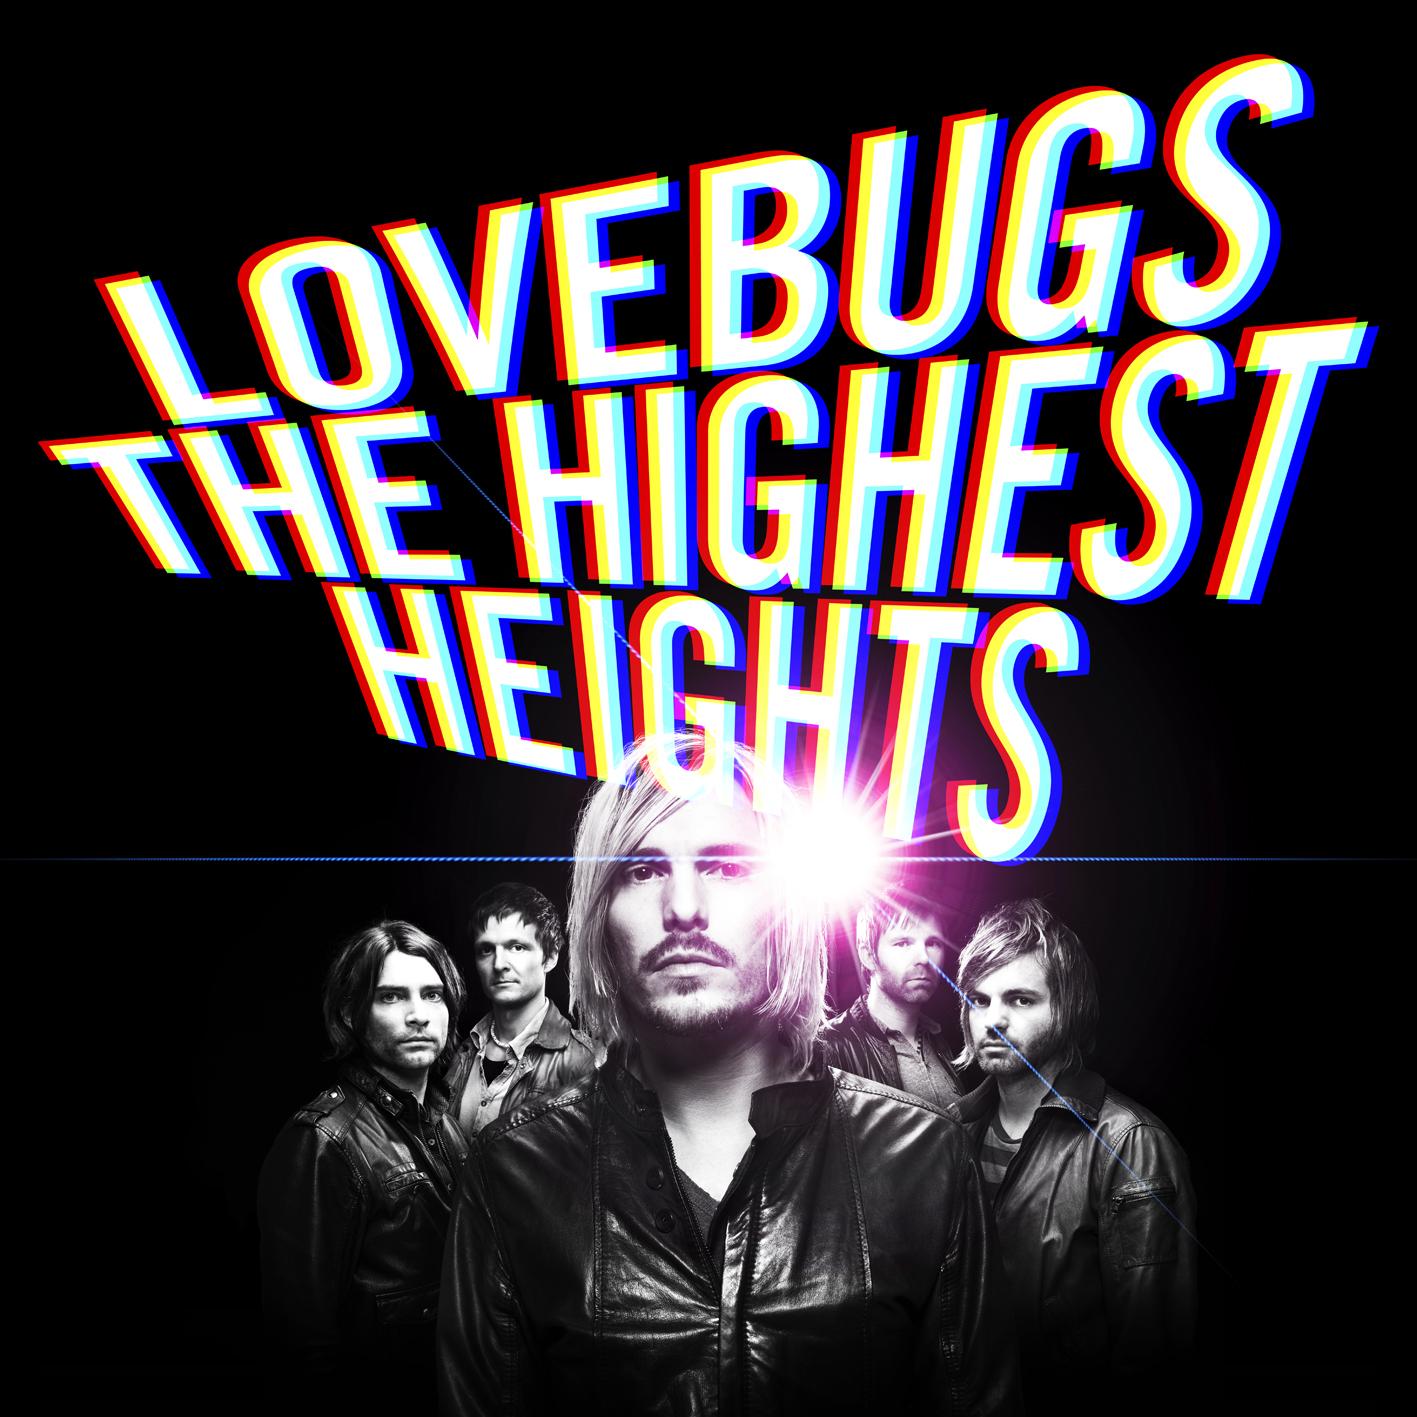 lovebugs - Engineer